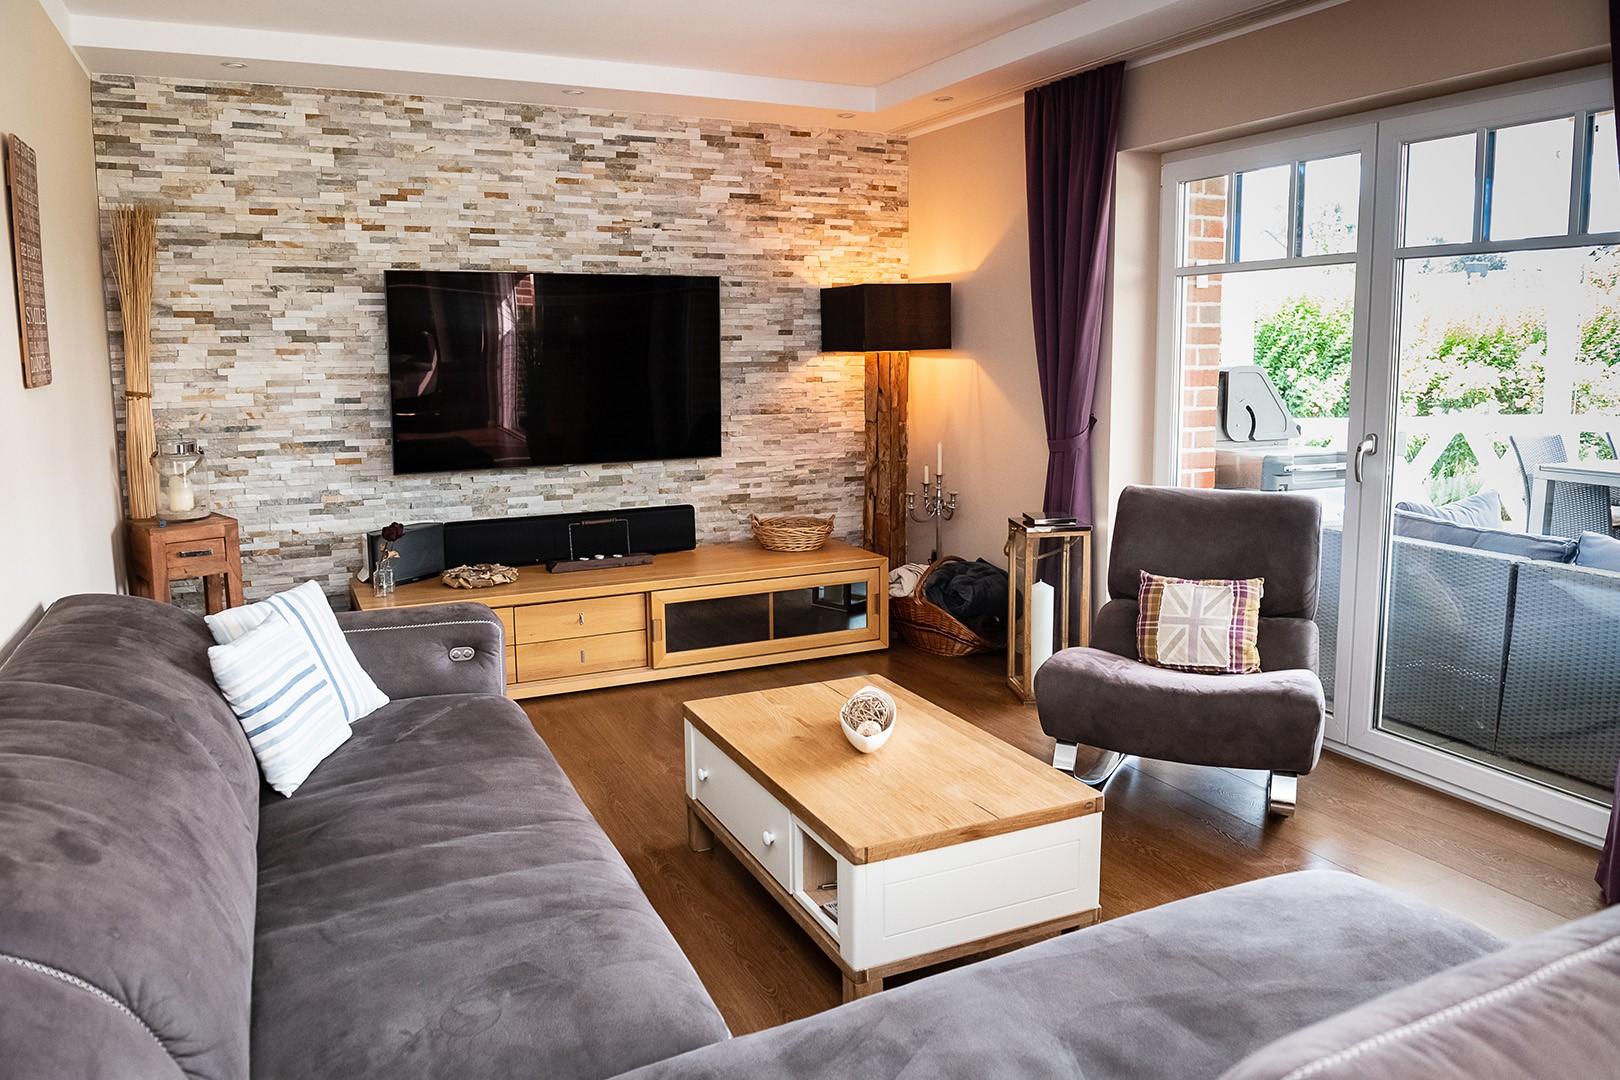 Immobilie Nr.312 - Einfamilienhaus mit Garten & Terrasse & Garage & Carport - Bild 6.jpg